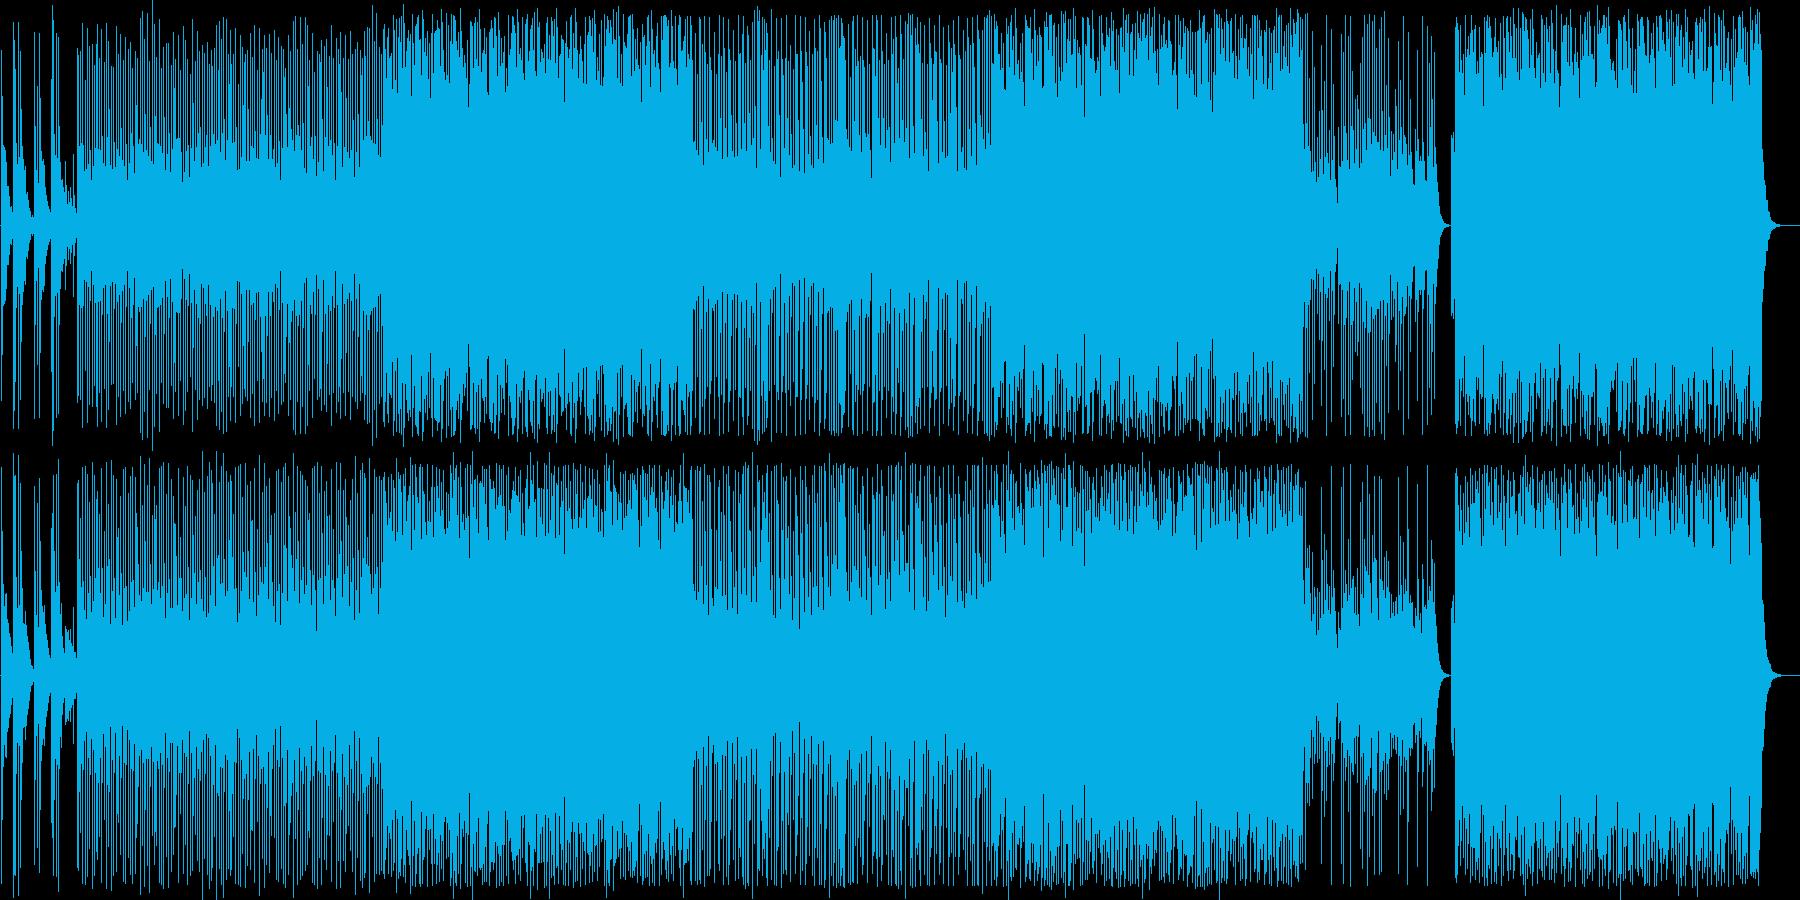 和風/和楽器(三味線・琴・太鼓)/B2の再生済みの波形